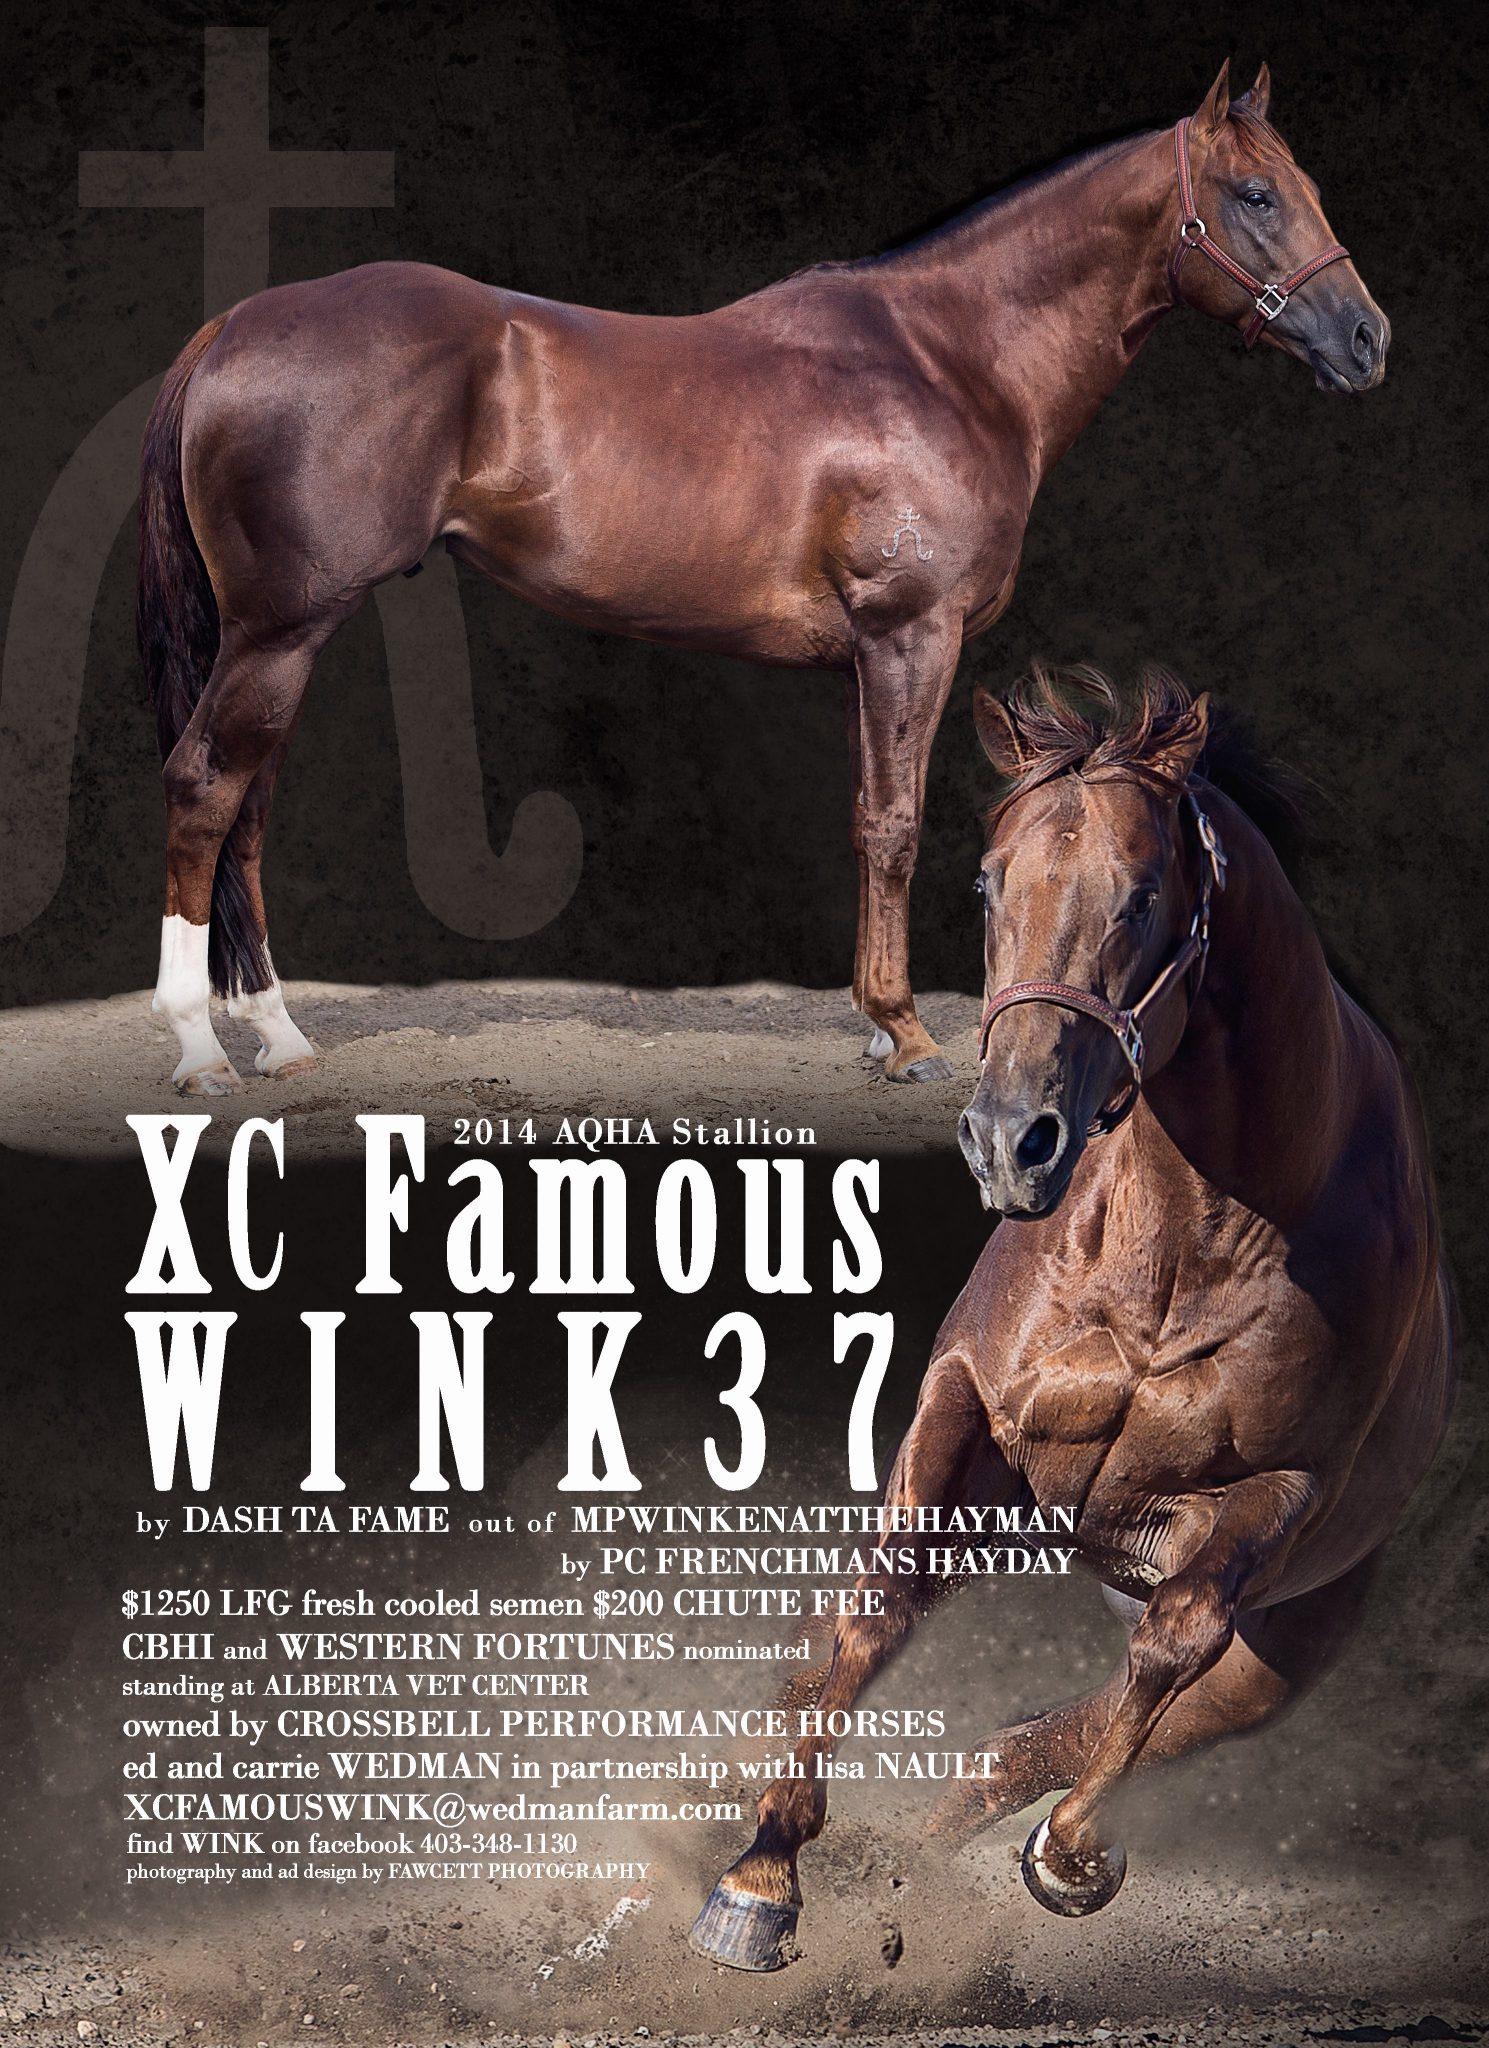 XC Famous Wink 37